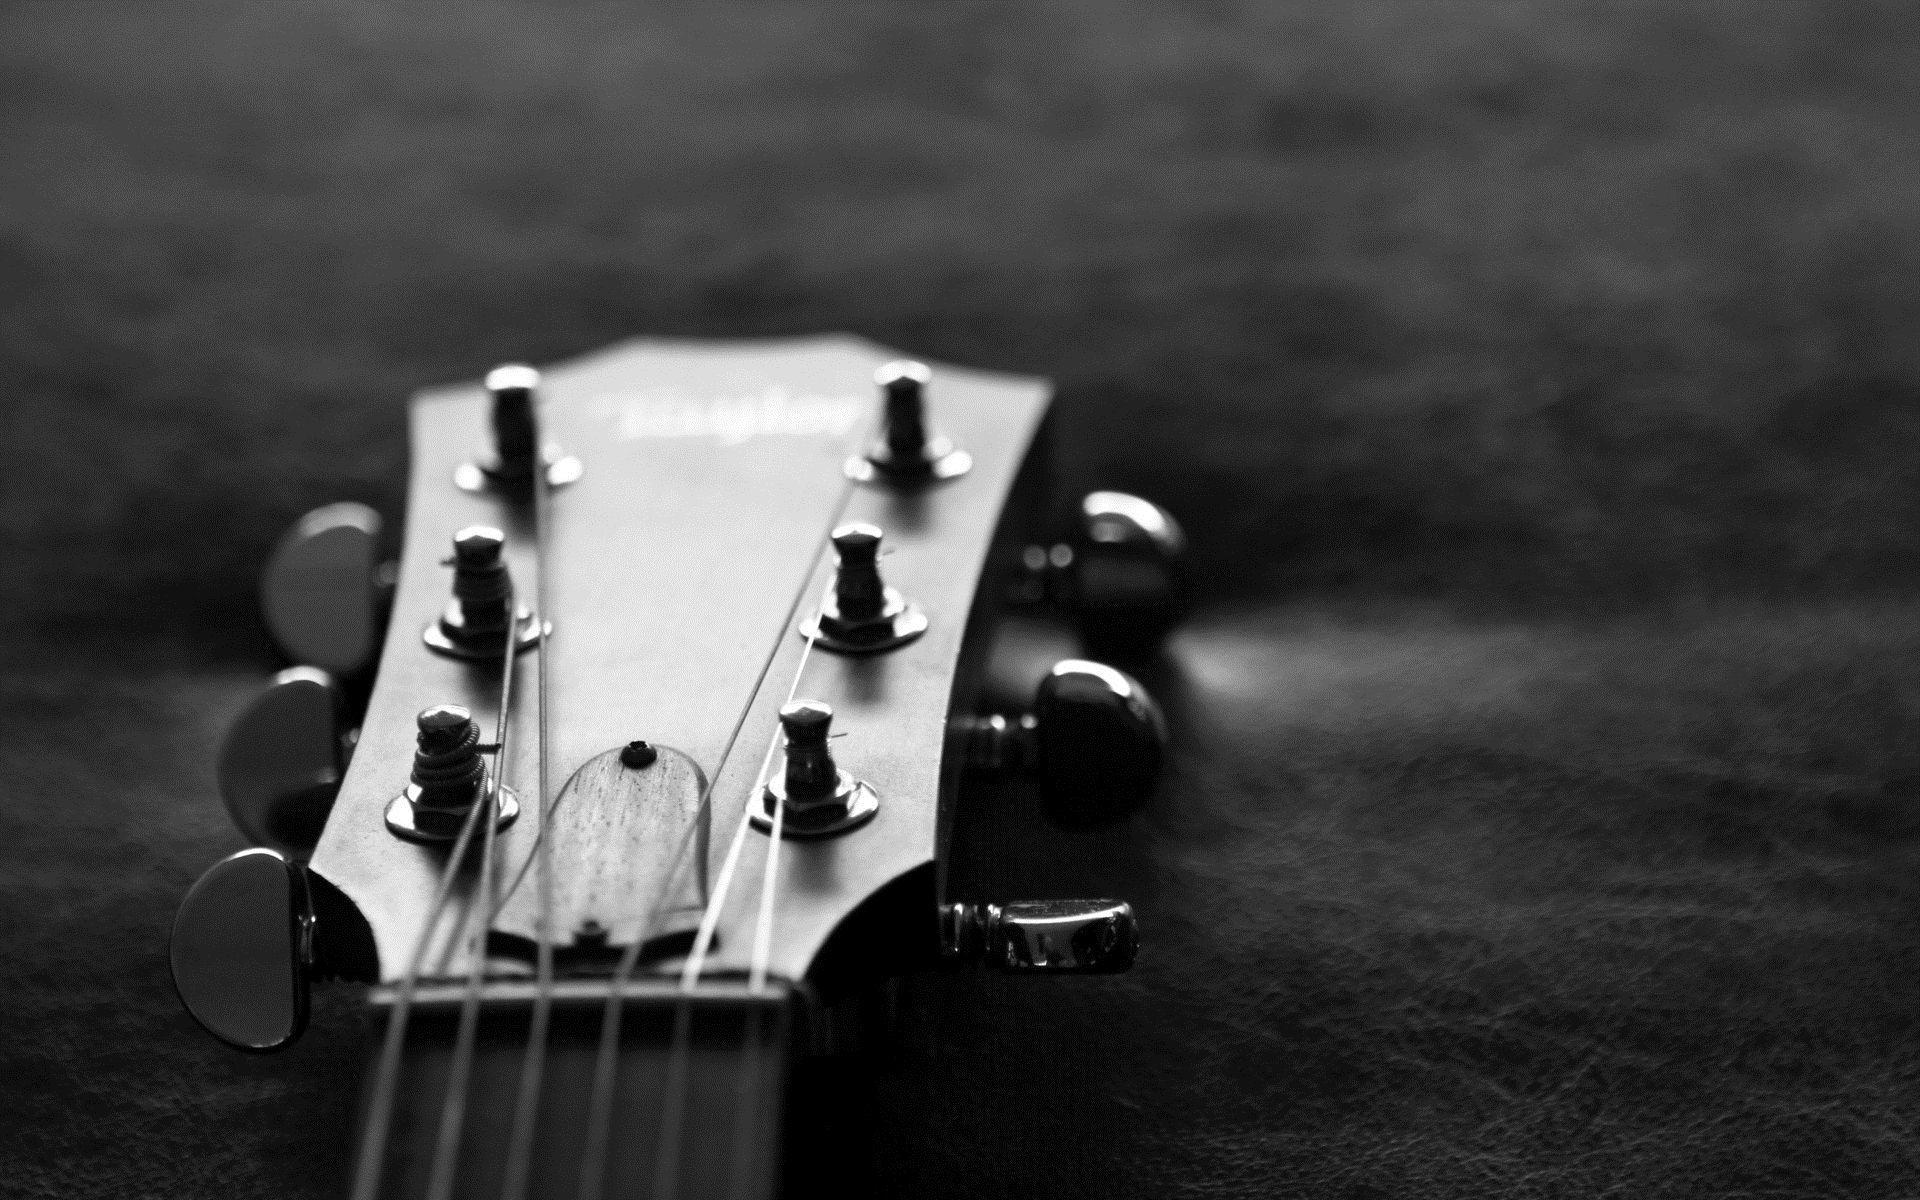 Electric Guitar strings, Cool HD Wallpaper